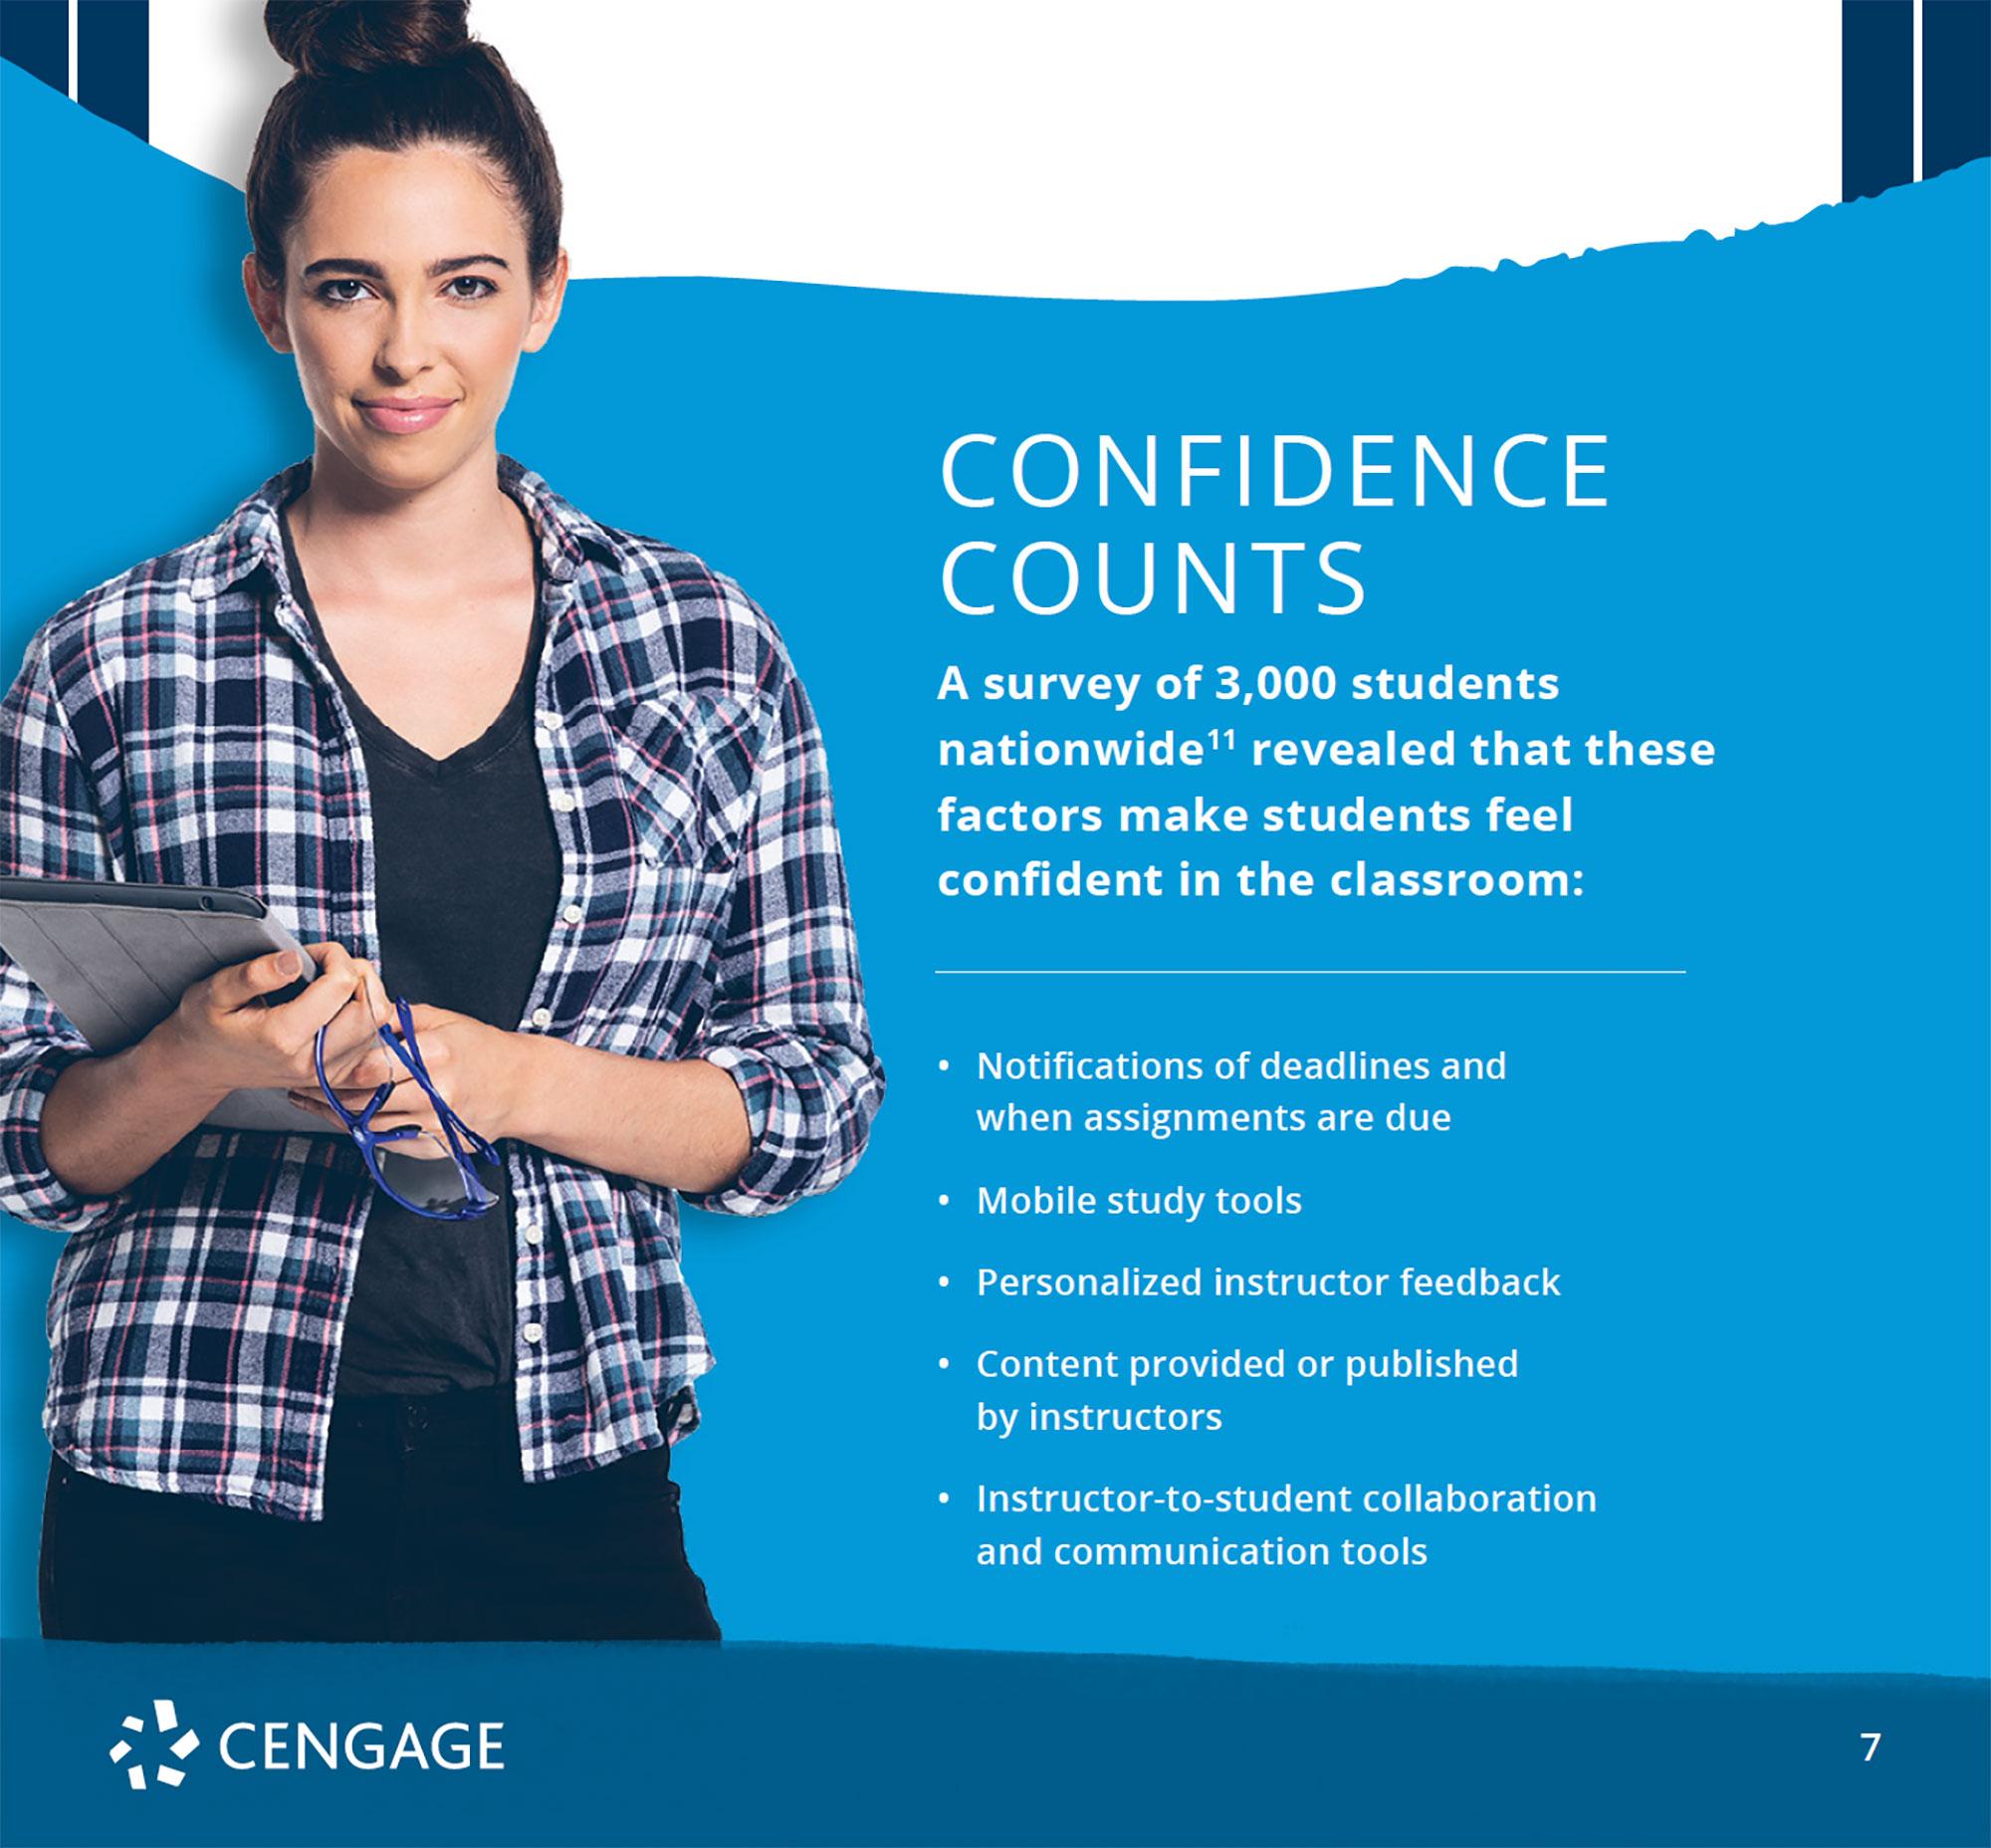 cengage e-book